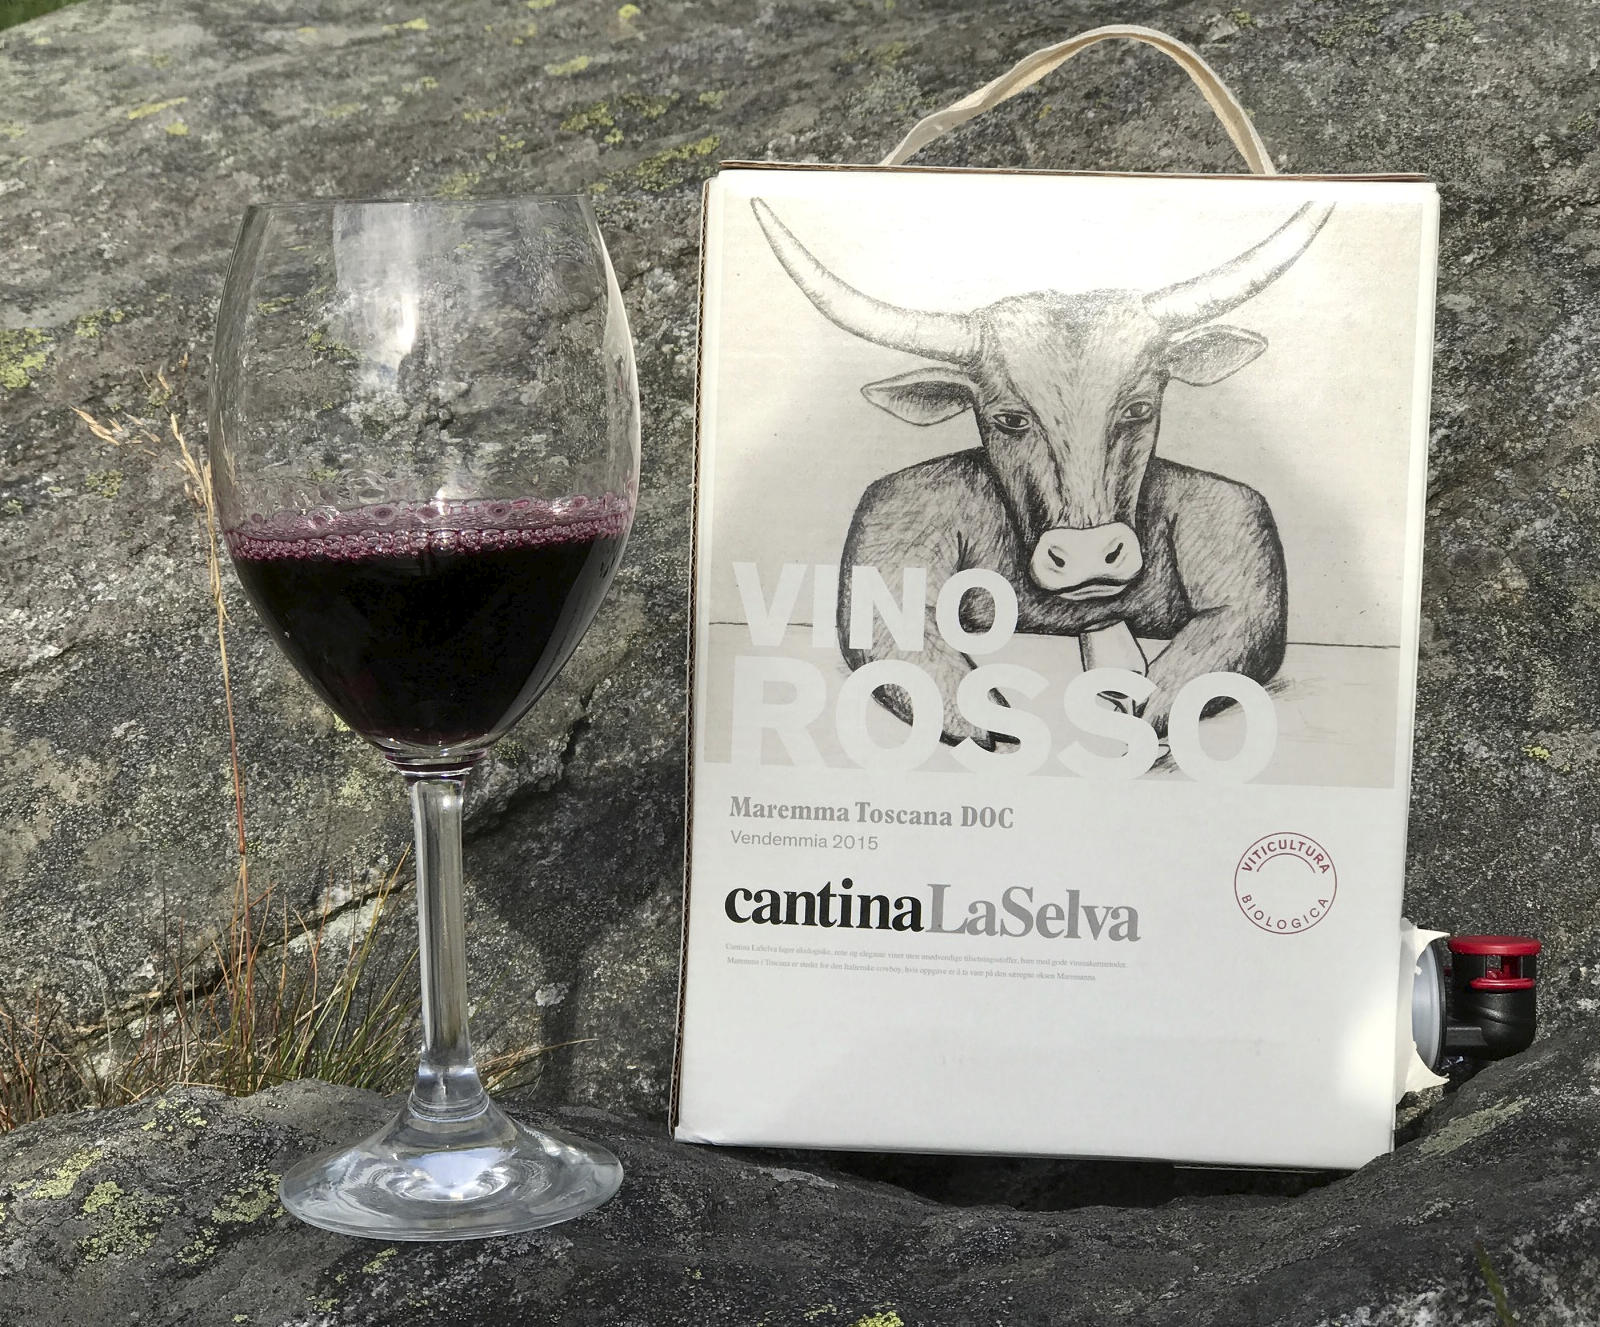 Økologisk Toscana-vin i boks